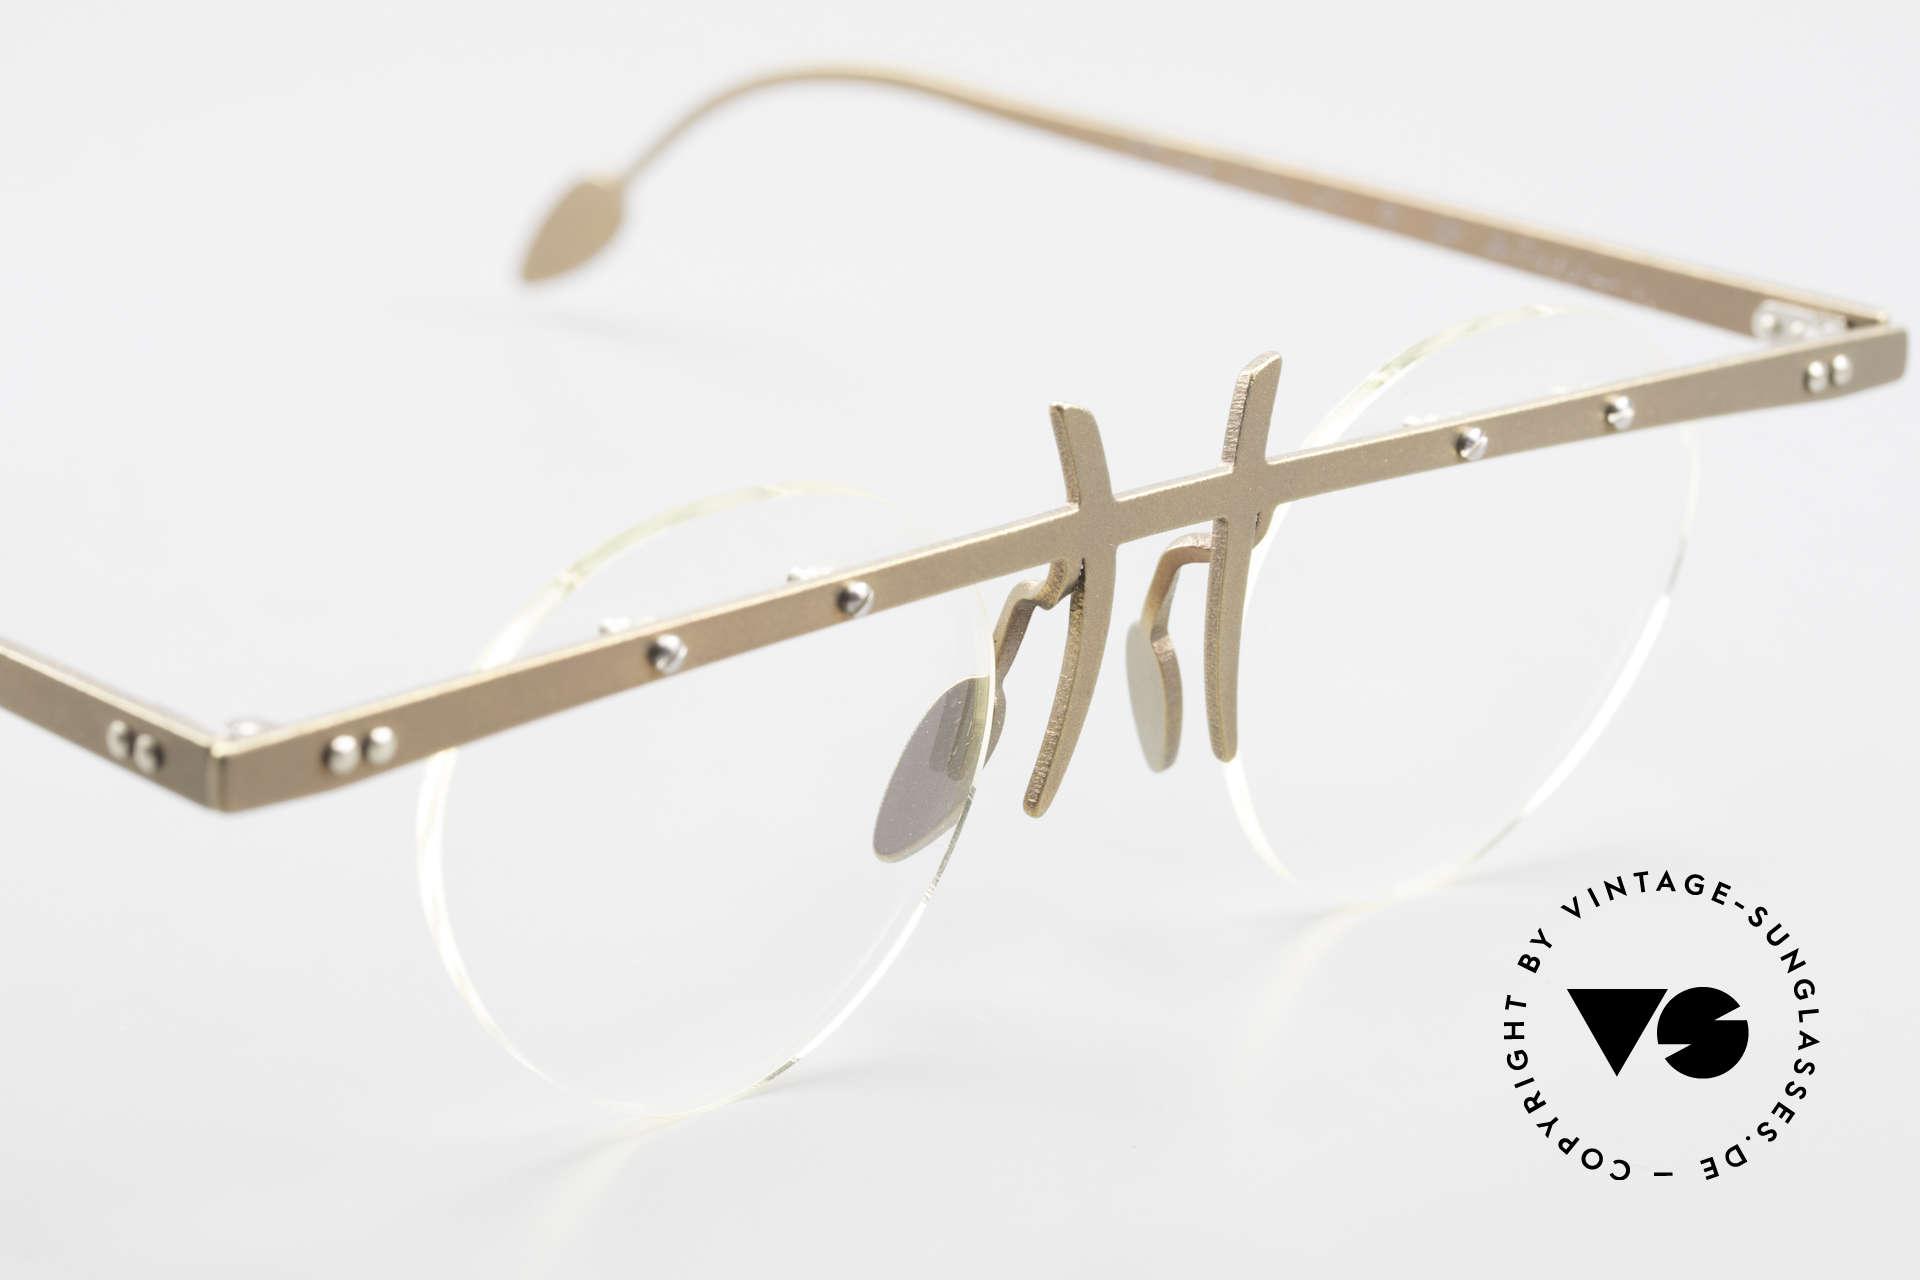 Theo Belgium Tita VI 9 Vintage Brille 90er Titanium, die Gläser sind mit Schrauben am Titan-Rahmen fixiert, Passend für Herren und Damen